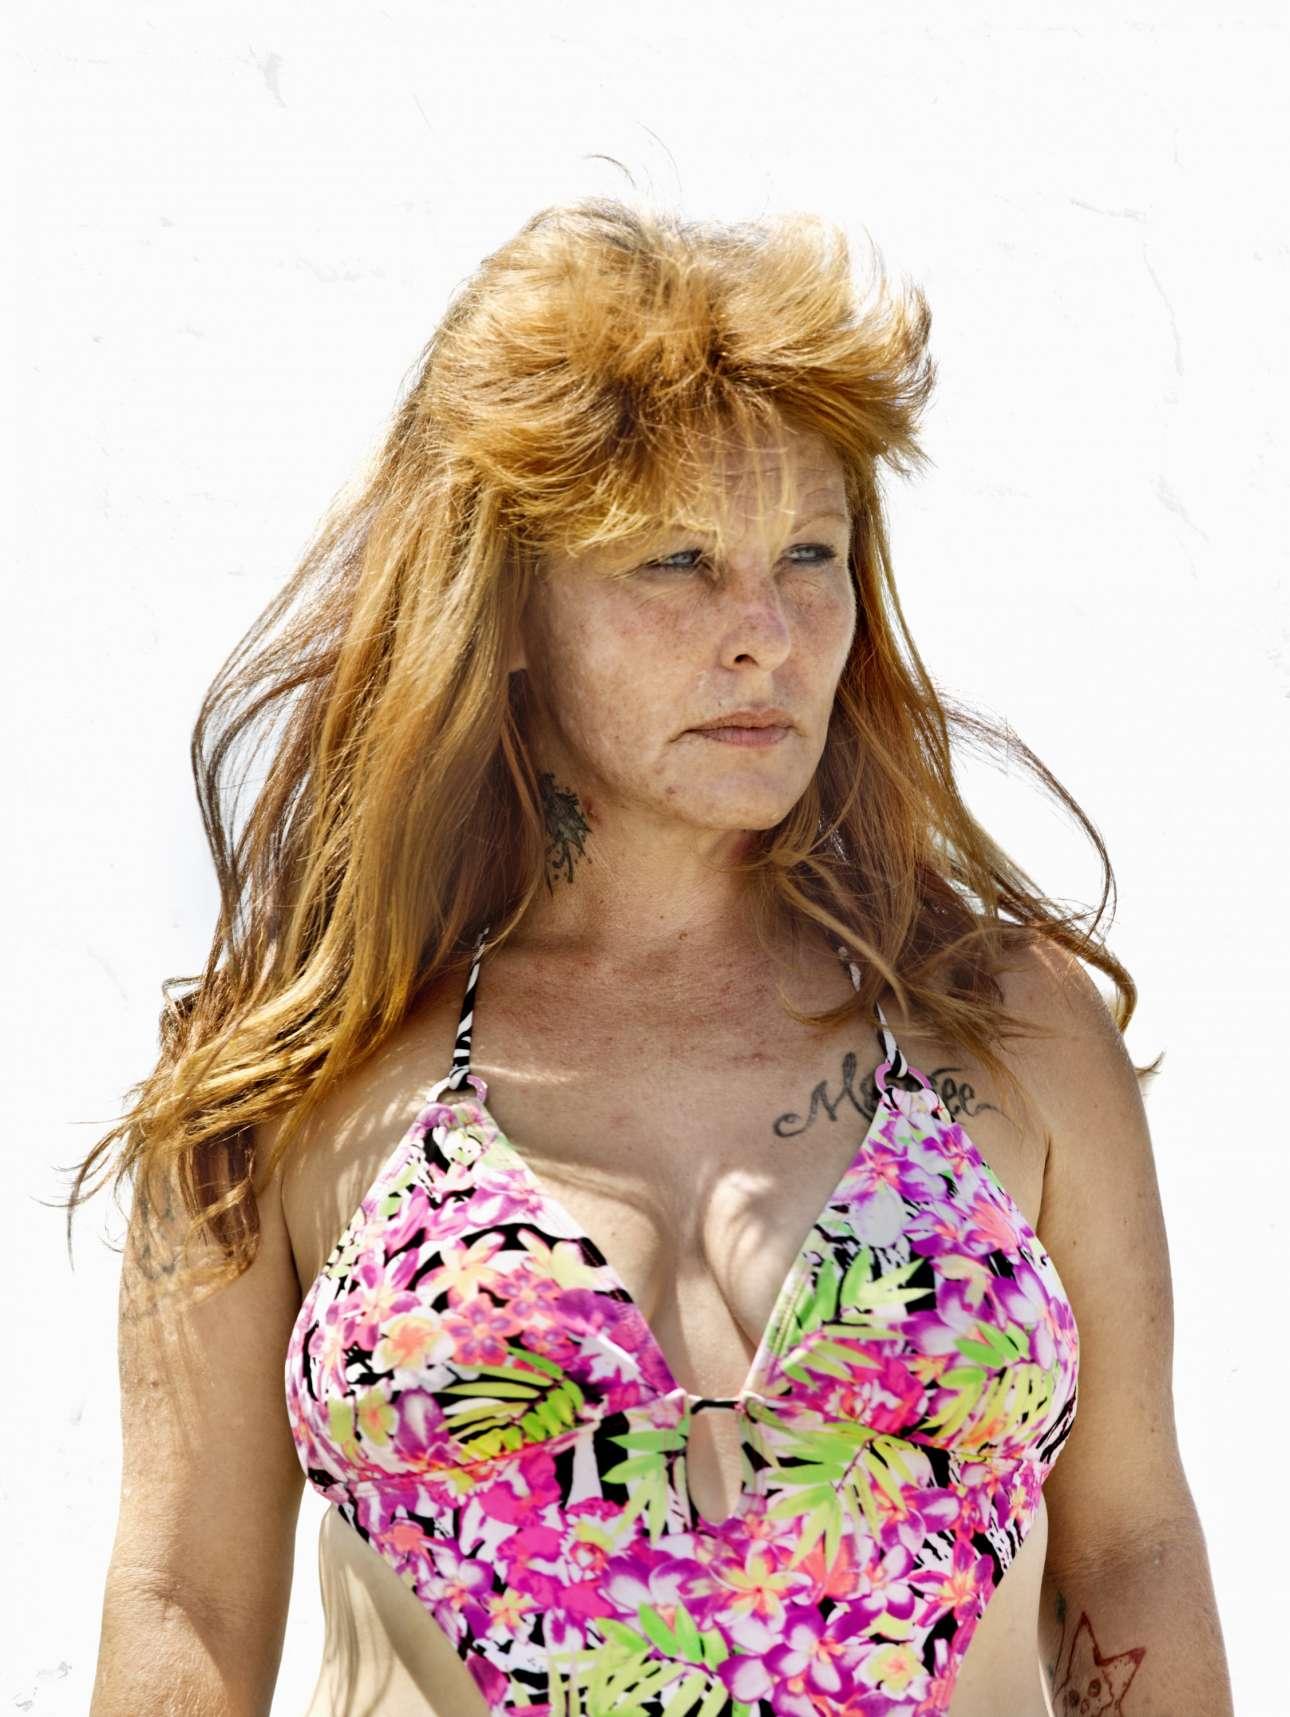 Katy Grannan ,«Anonymous», Modesto, CA, 2010. Από τη σειρά «The Ninety Nine». Η φωτογράφος Κέιτι Γκράναν πέρασε τέσσερα χρόνια στo Μόντεστο στην Καλιφόρνια, μία γειτονιά-καταφύγιο για περιπλανητές που κάθε μέρα αναζητούν αρκετά χρήματα για να νοικιάσουν ένα δωμάτιο ή να πάρουν τη δόση τους, διαπράττοντας απάτες ή πορνεία